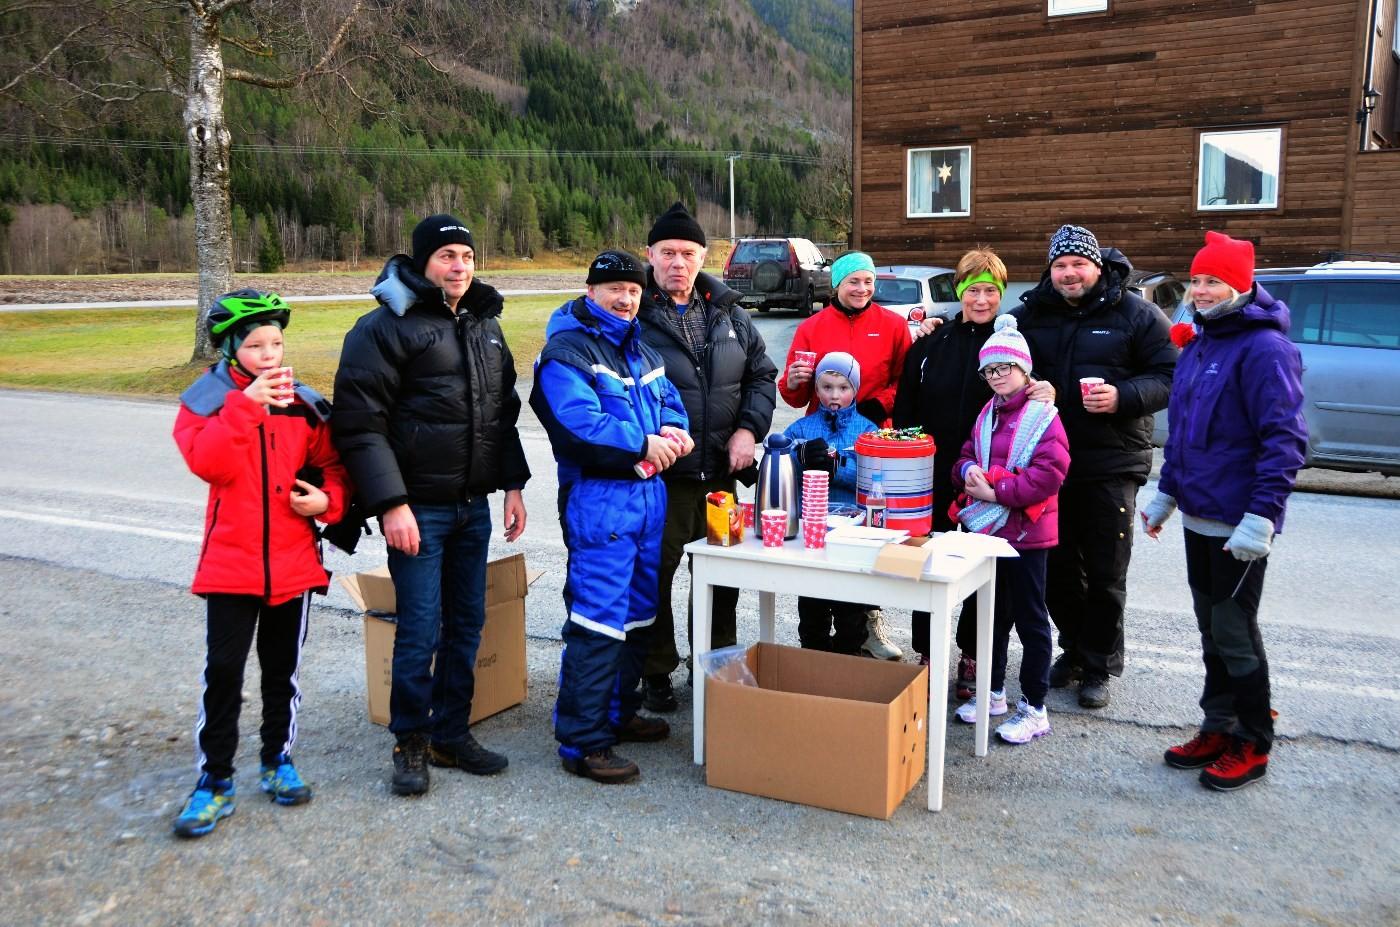 Frå startpunktet på Sandstad - godt med varm gløgg i den kalde vinden.  Foto: Driva/Jon Olav Ørsal